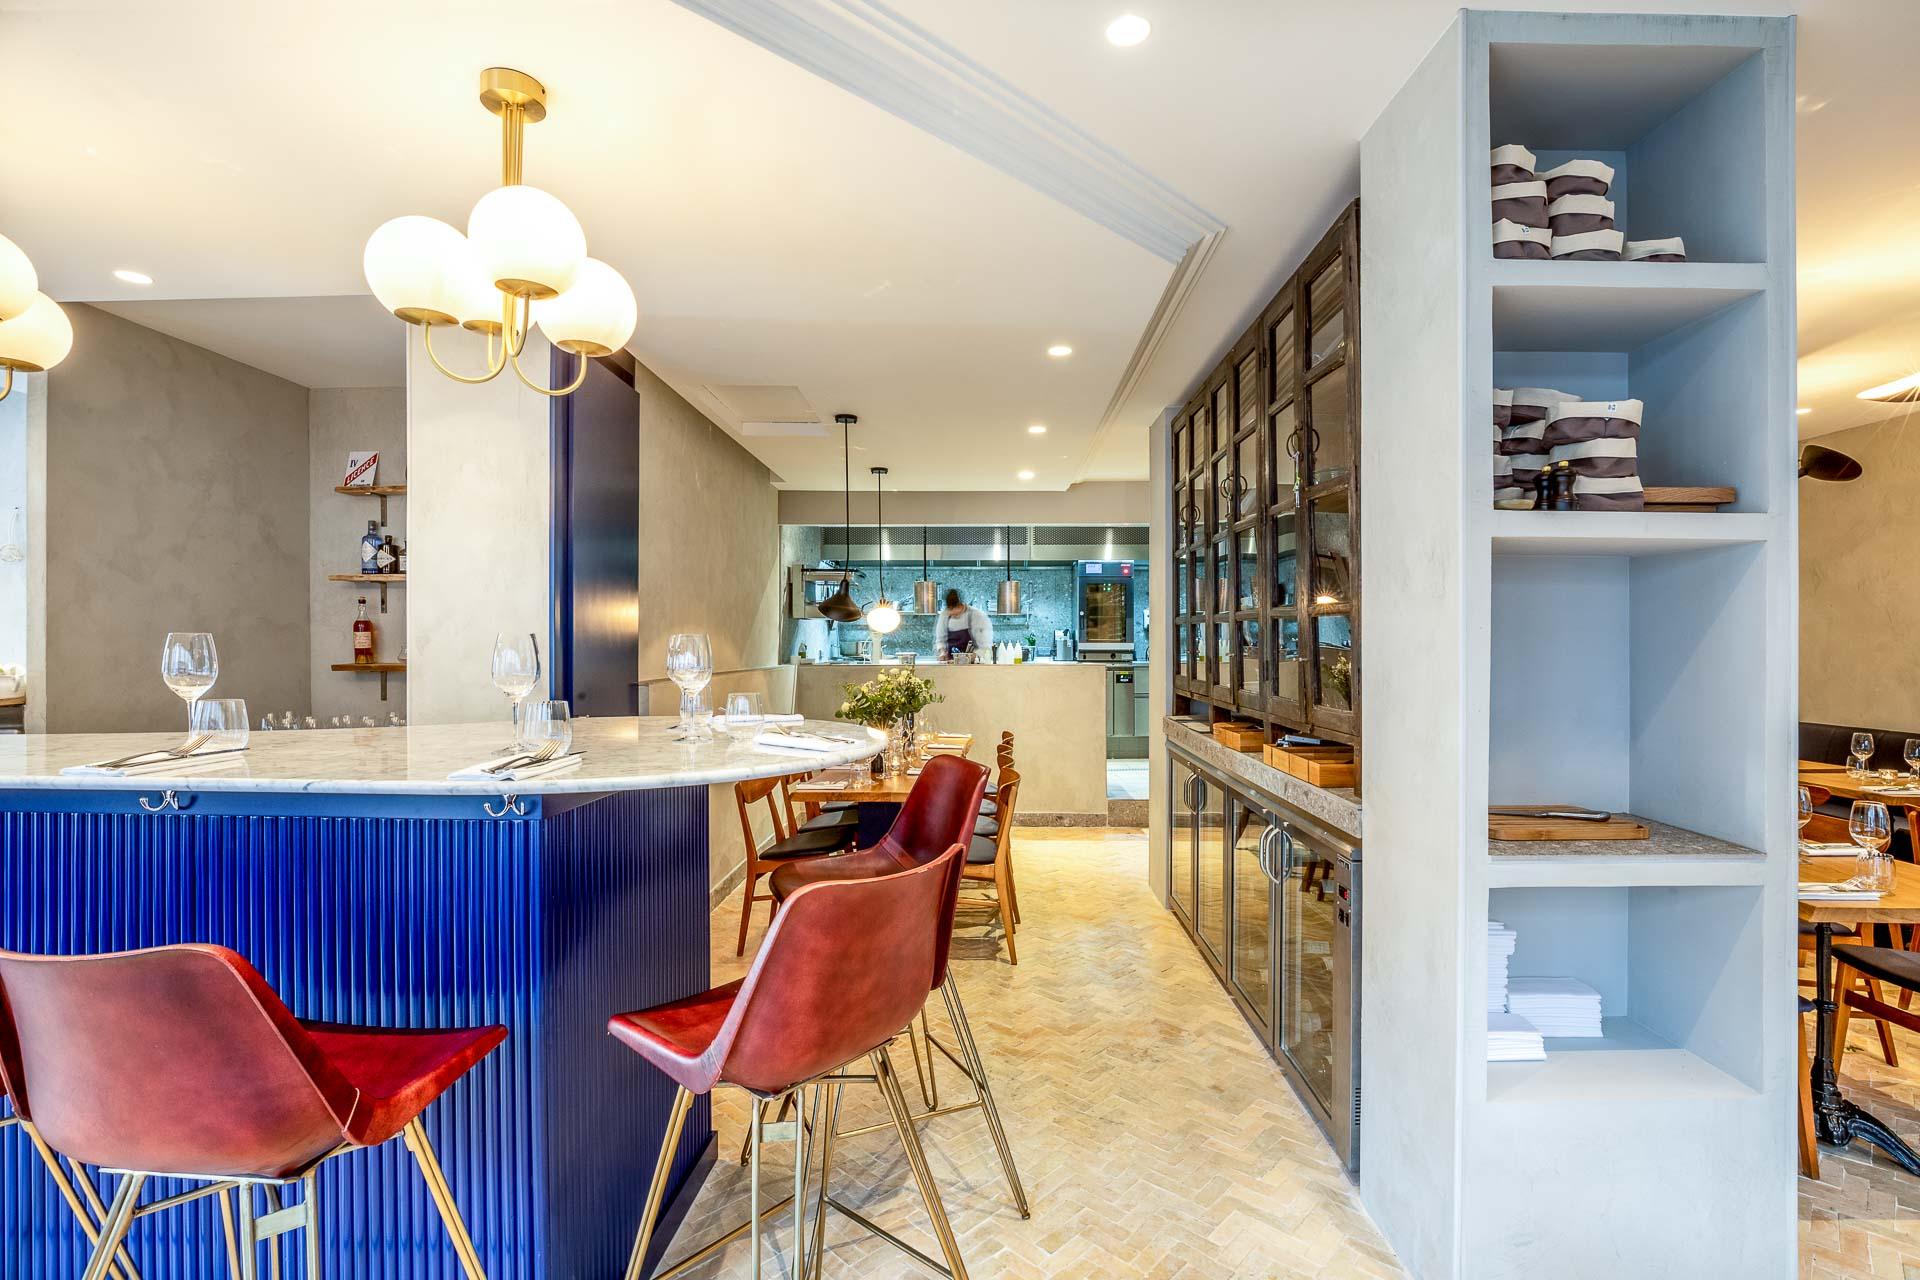 Il est de retour à Paris ! Quatre ans après son départ pour New York, le chef marseillais Frédéric Duca, étoilé en 2013 pour le restaurant l'Instant d'Or, dévoile Rooster, une table d'auteur ambitieuse et enthousiasmante. Découverte.